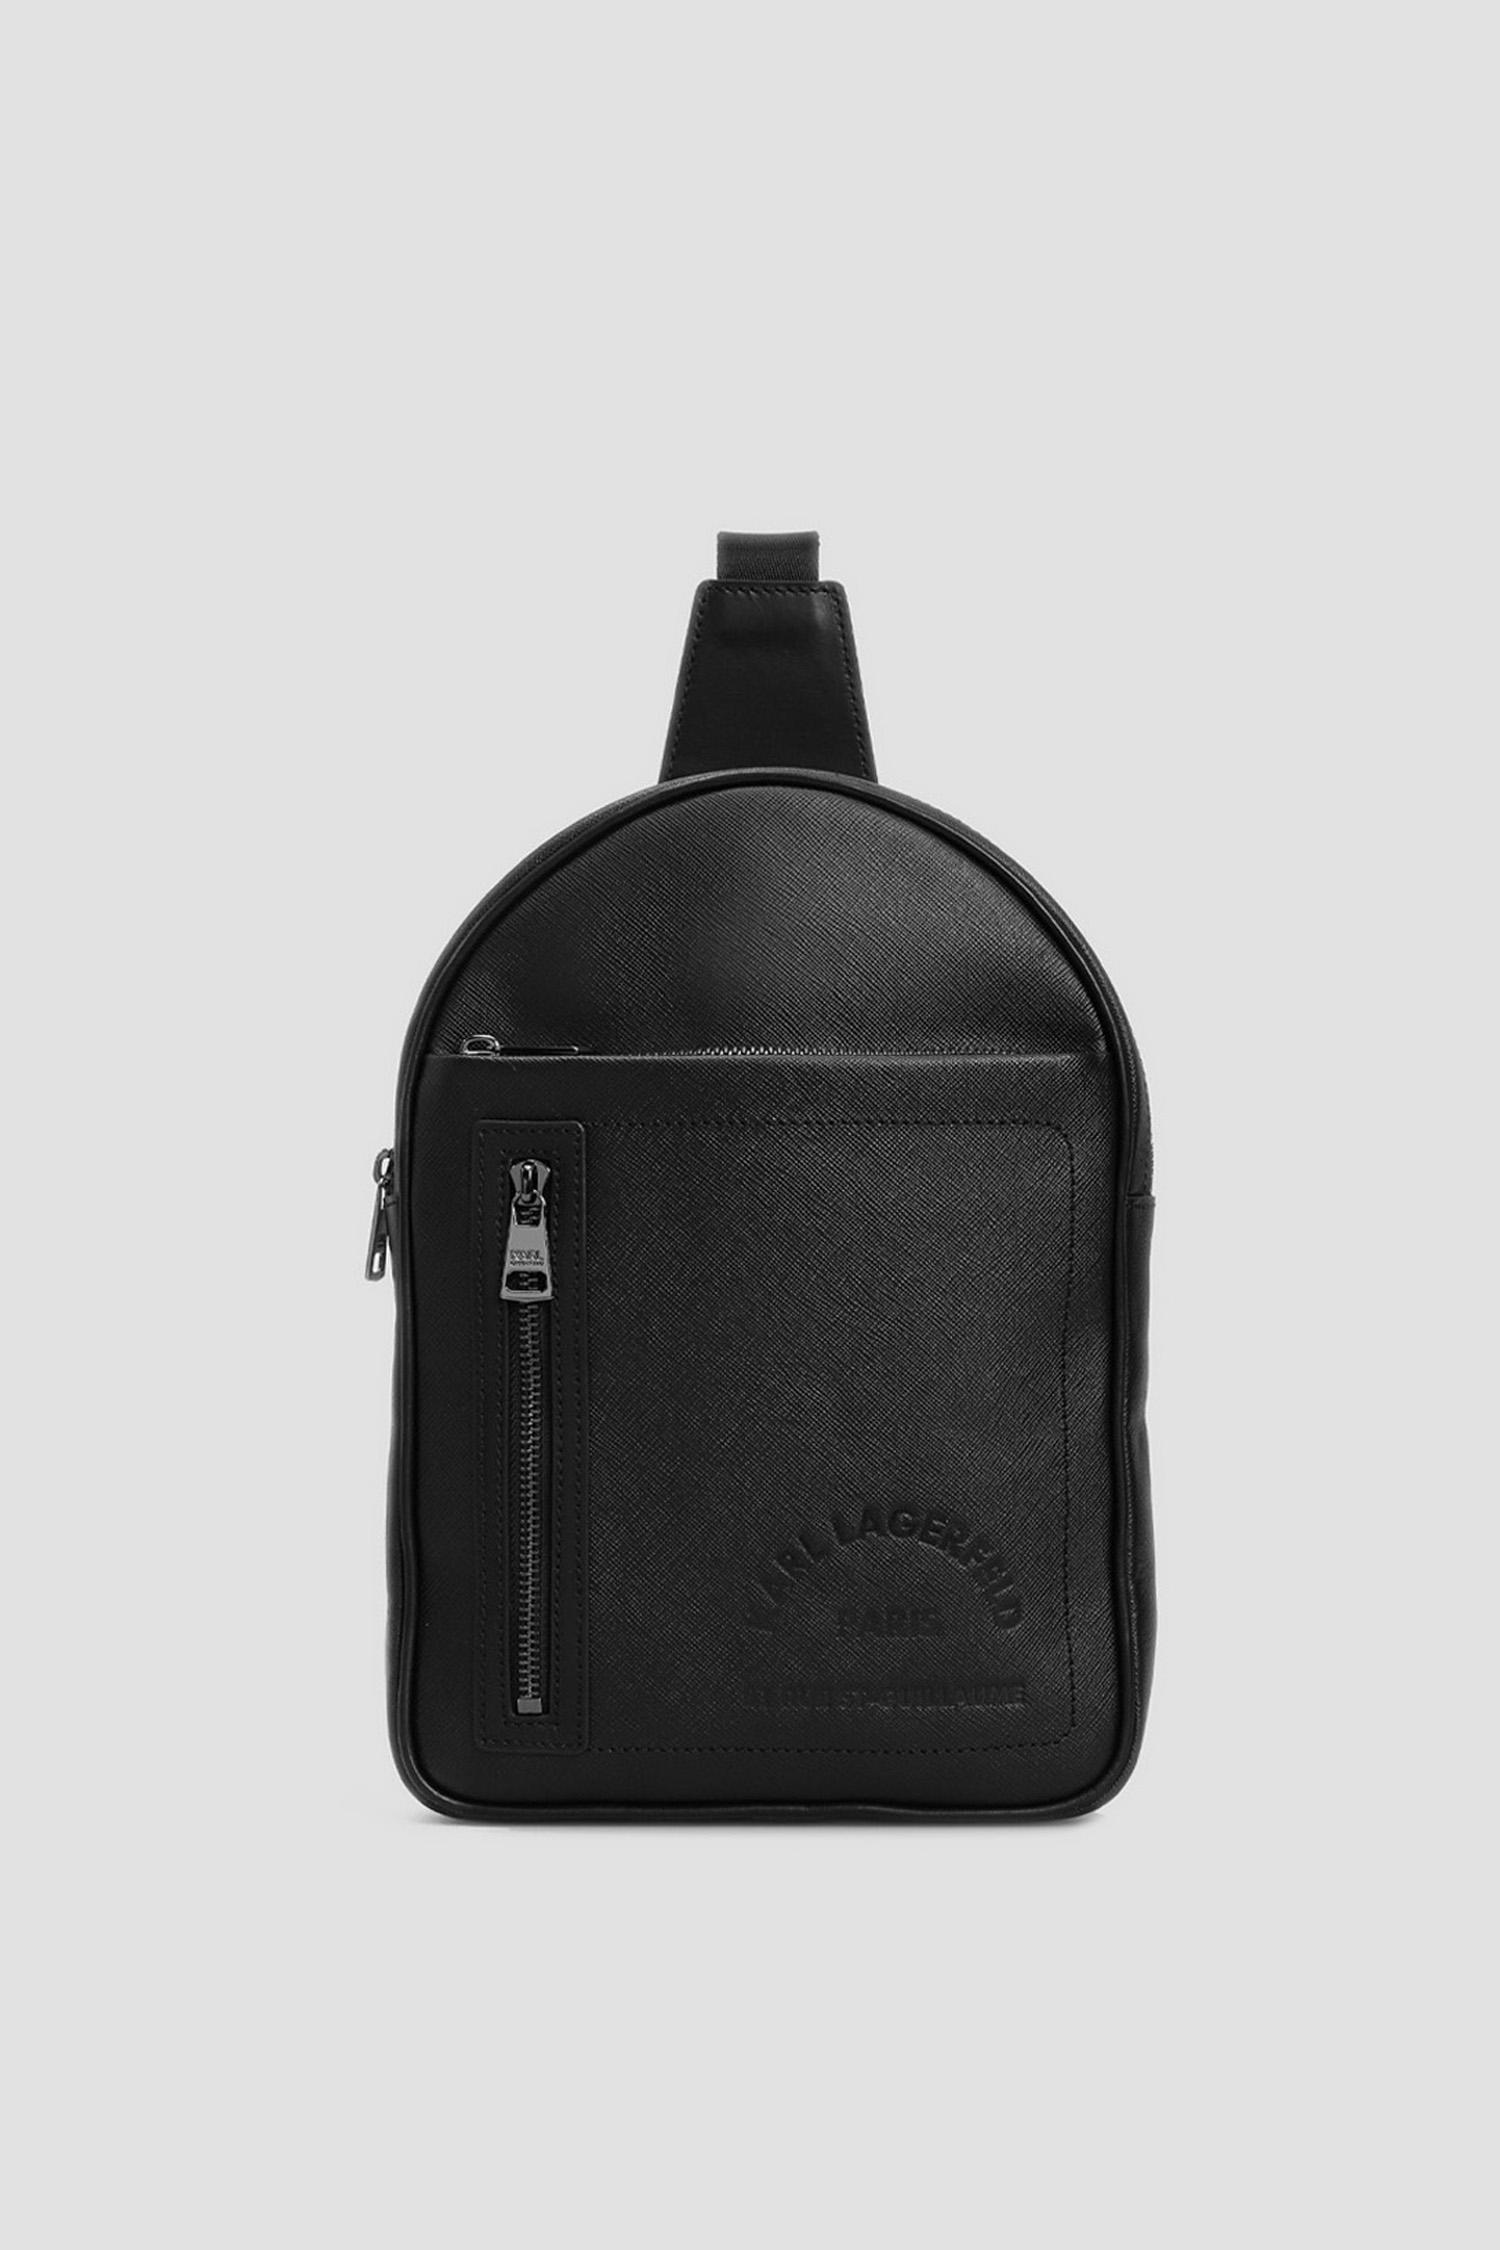 Чоловіча чорна шкіряна сумка через плече Karl Lagerfeld 511452.815922;990